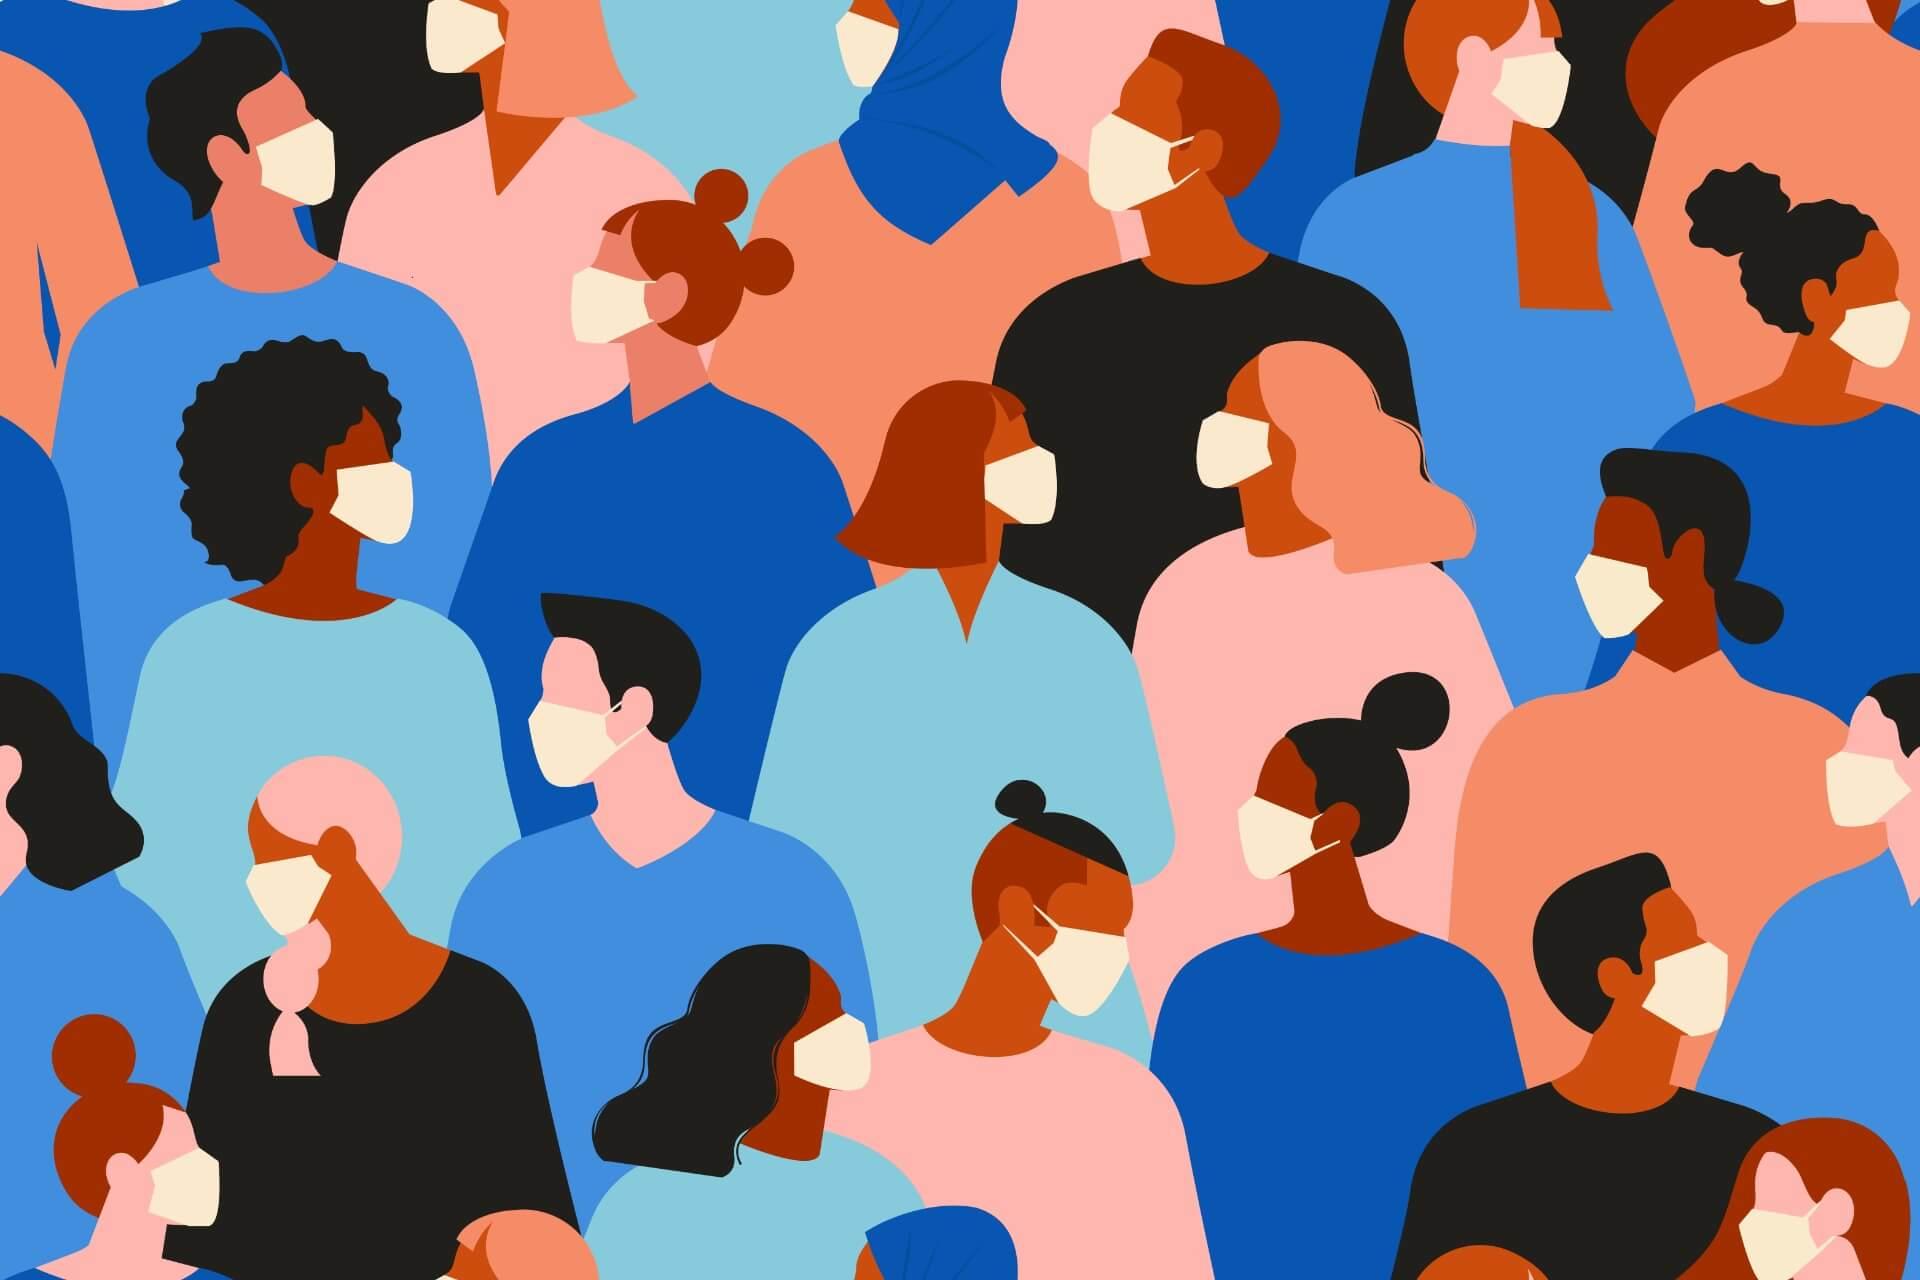 Коронавирусът – психологически прочит и стратегии за справяне с тревогата